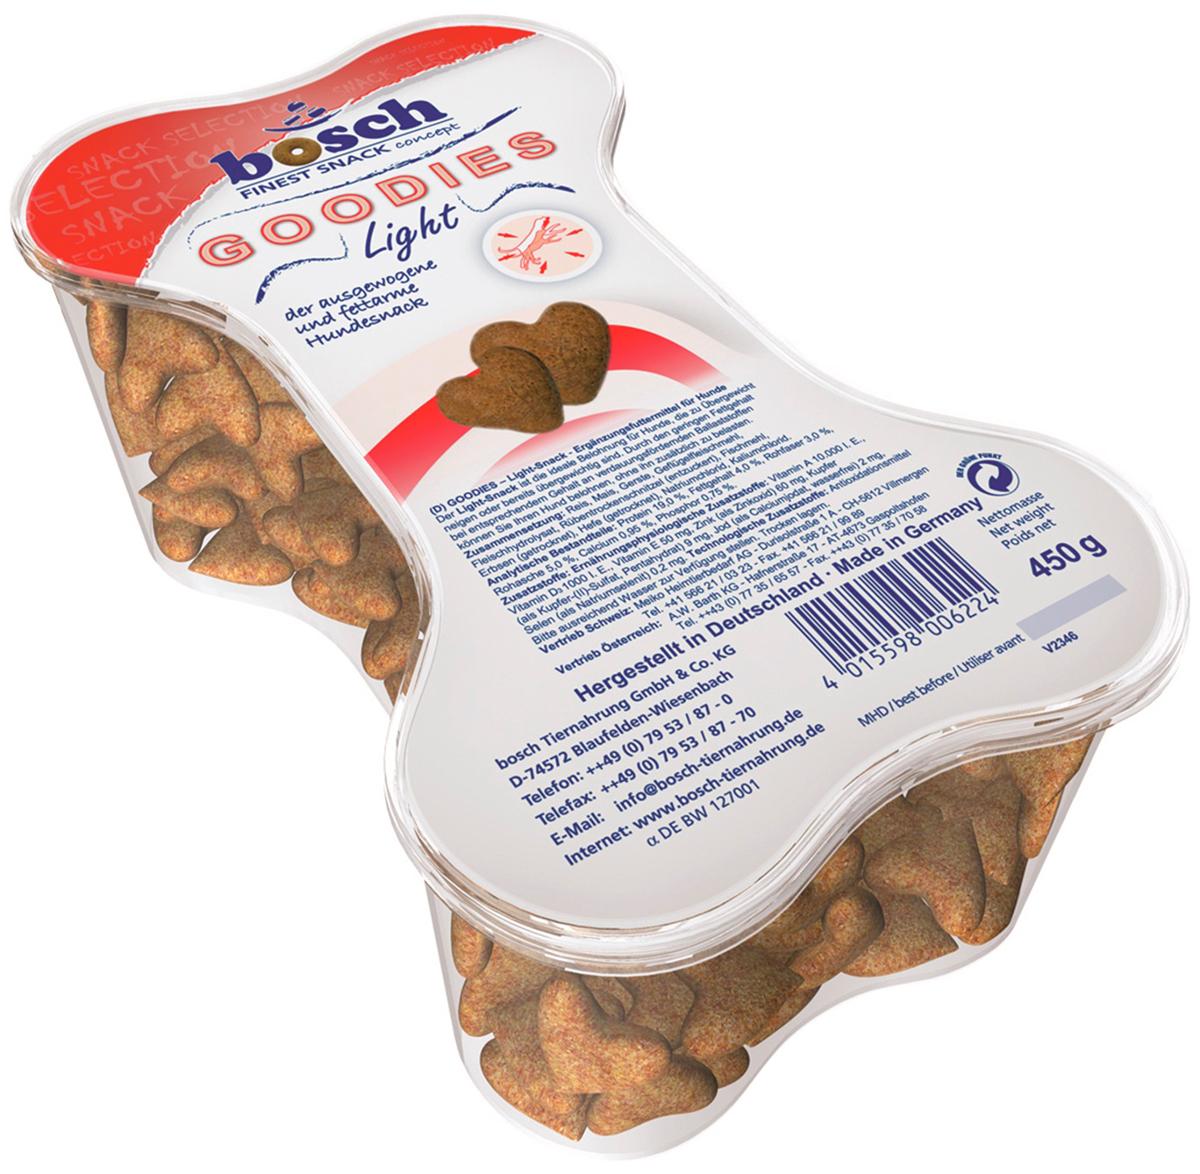 Лакомство Bosch Goodies Light диетическое для собак (0,45 кг)